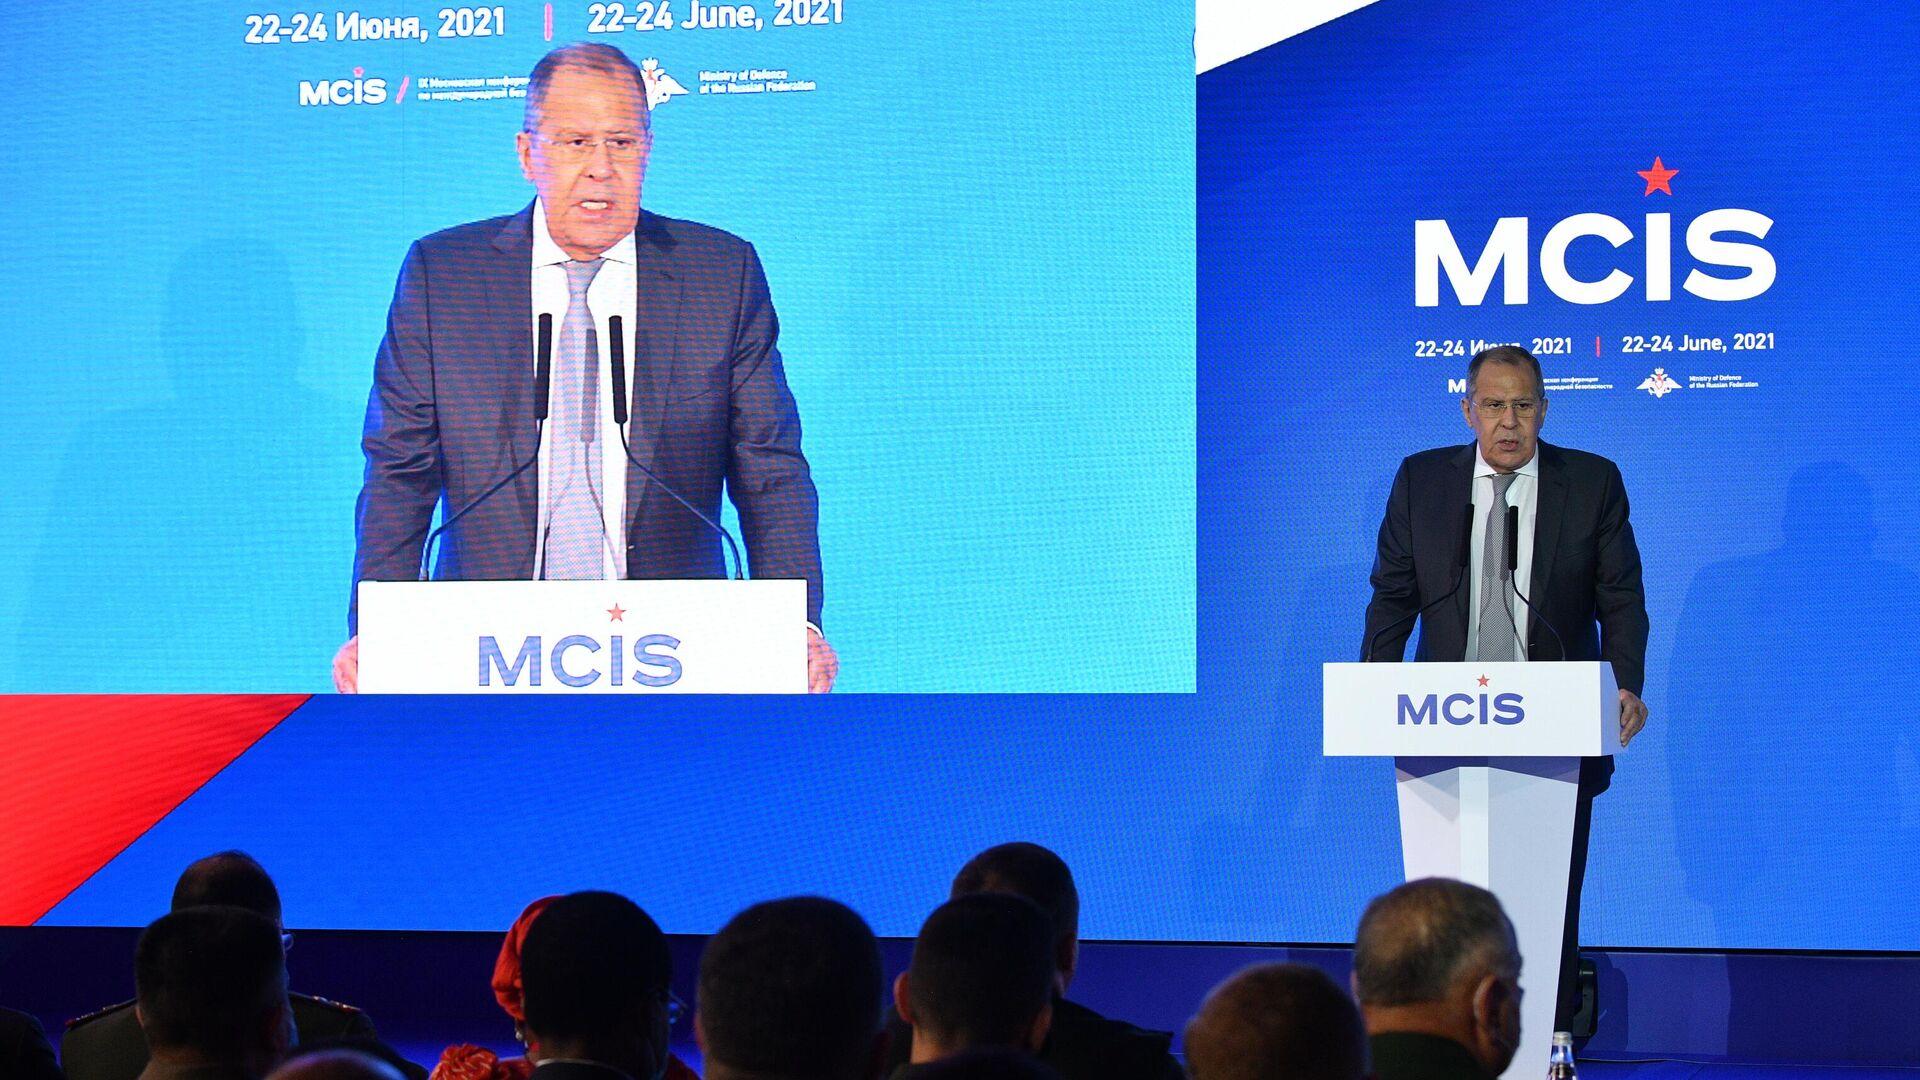 Serguéi Lavrov interviene en la Conferencia de Moscú sobre Seguridad Internacional (MCIS) - Sputnik Mundo, 1920, 24.06.2021